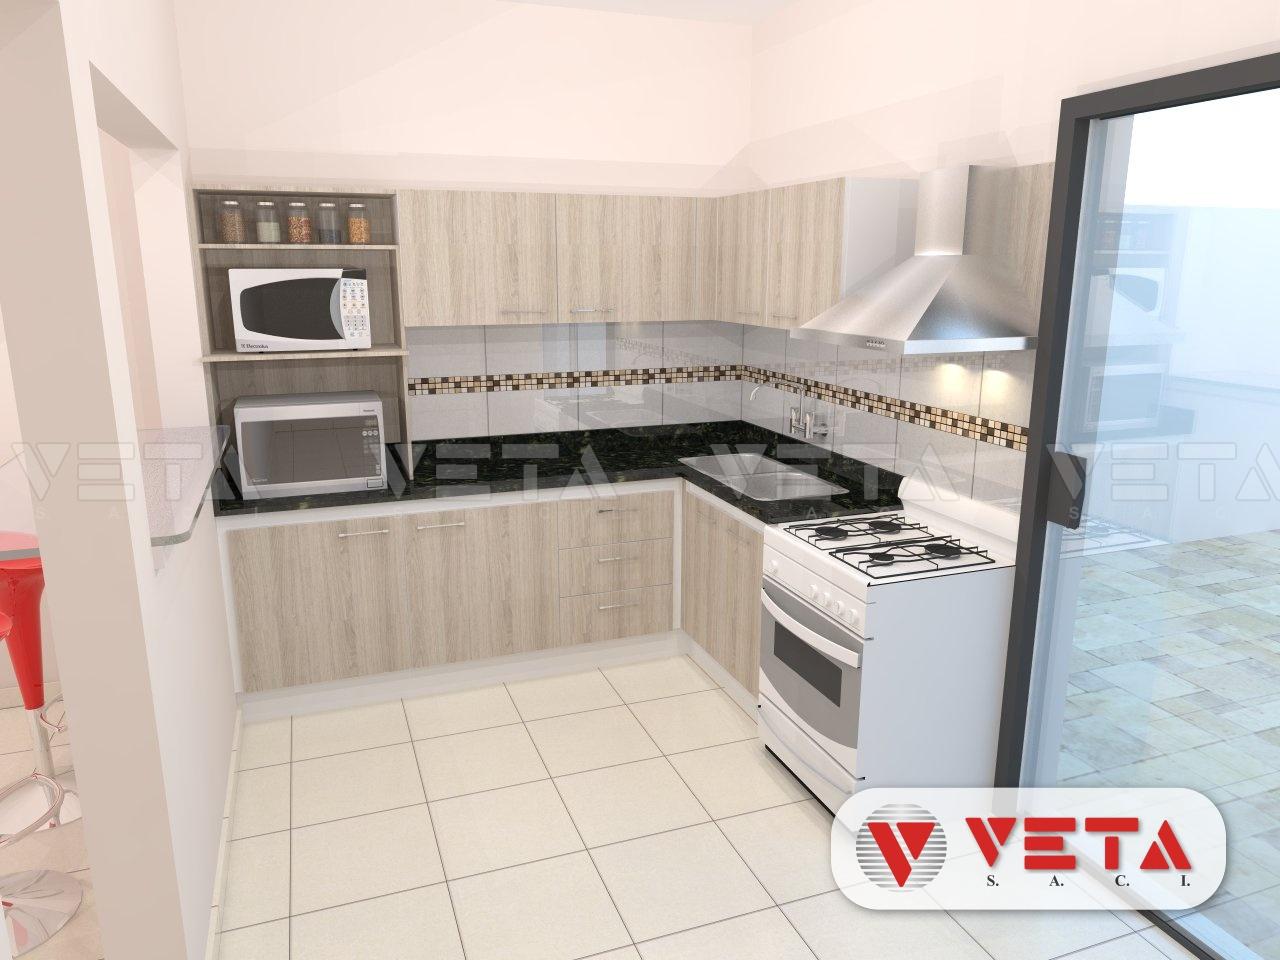 Peque a y pr ctica cocina veta s a c i - Cocinas pequenas y practicas ...